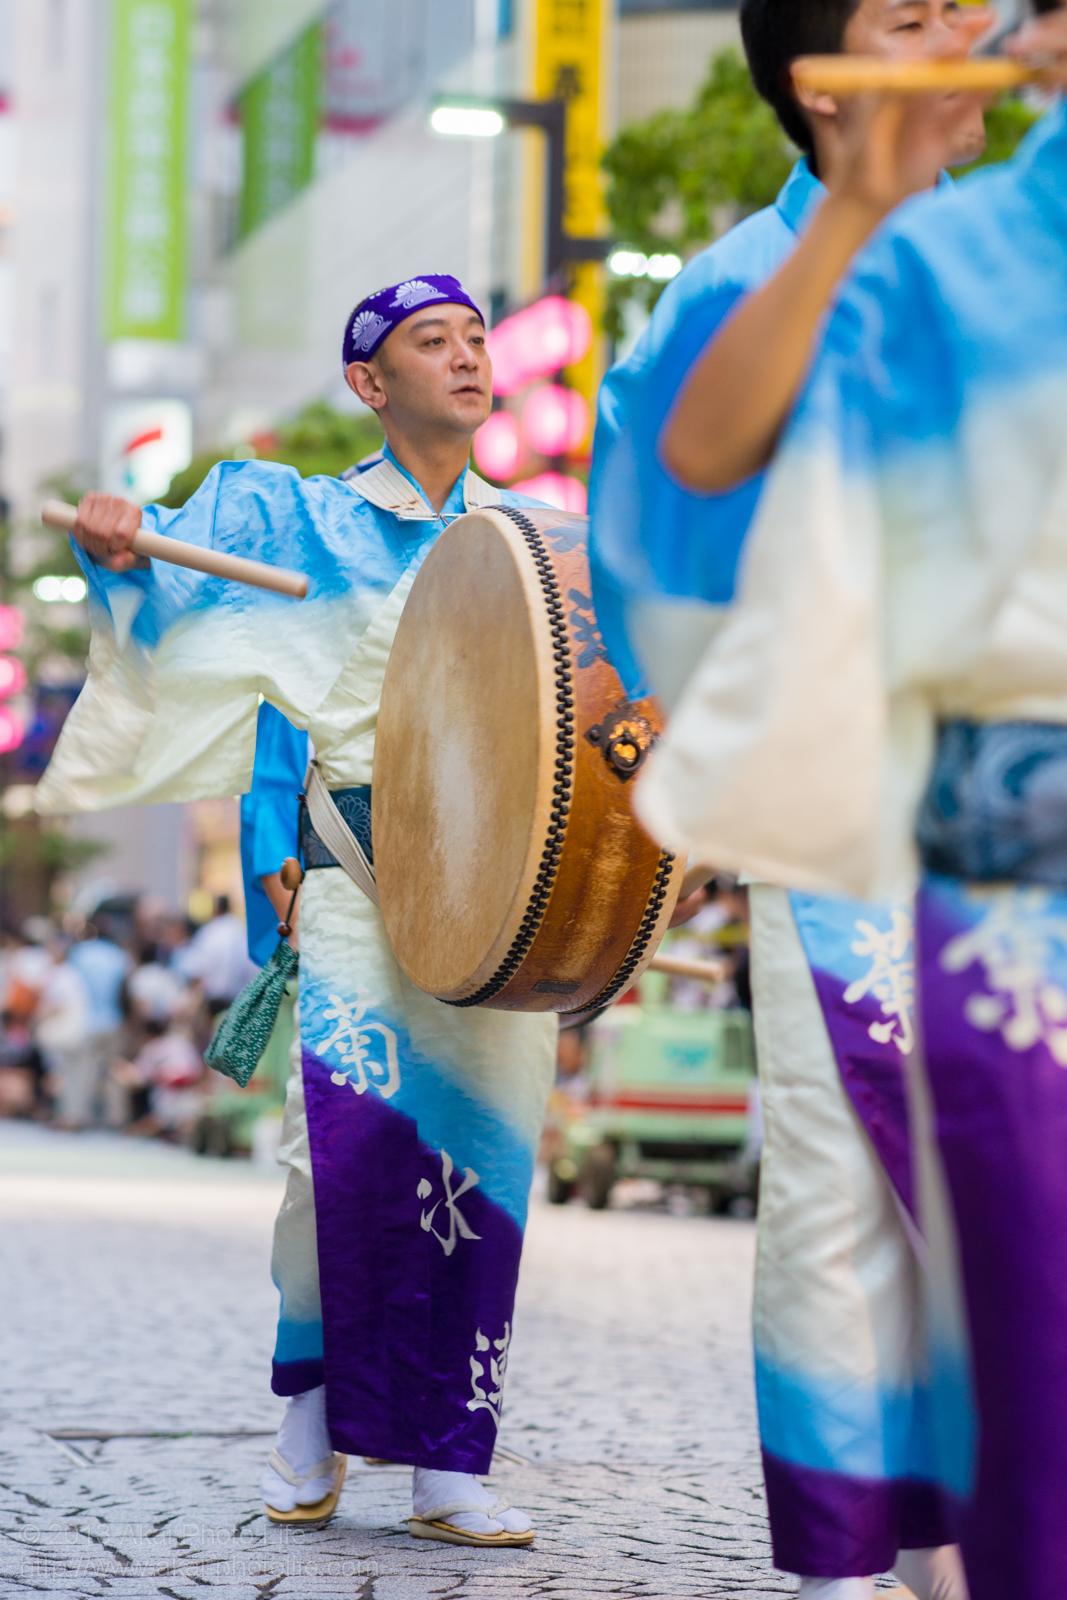 三鷹阿波踊り、菊水会菊水連の鳴り物(三鷹シルバー連の応援)